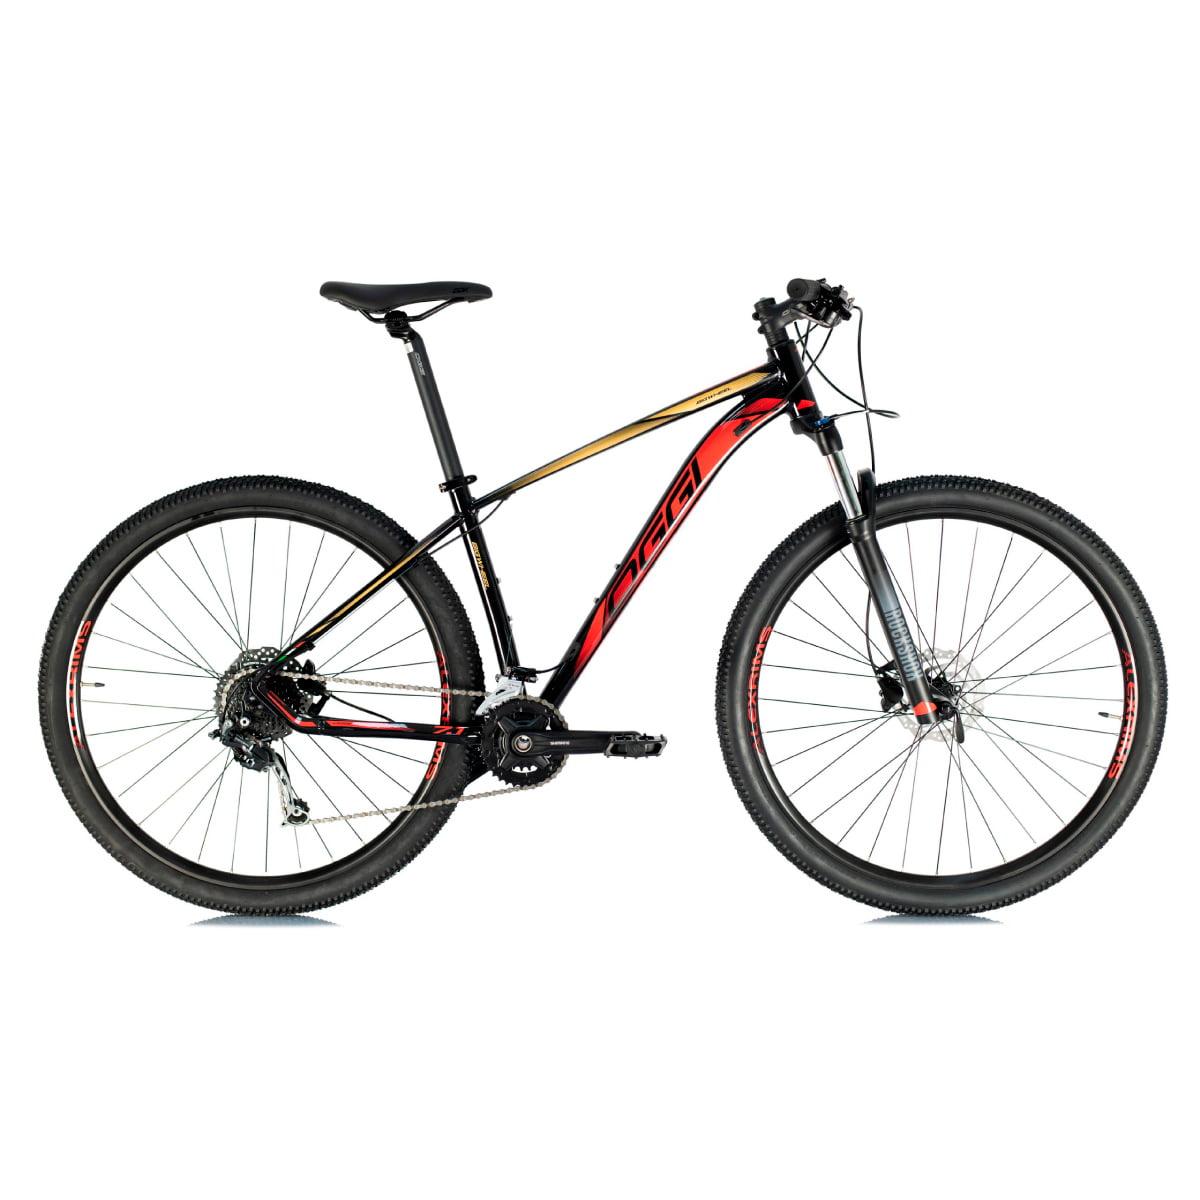 Bike Oggi 7.1 2021 BiG Whell Original 18 V Preto Vermelho